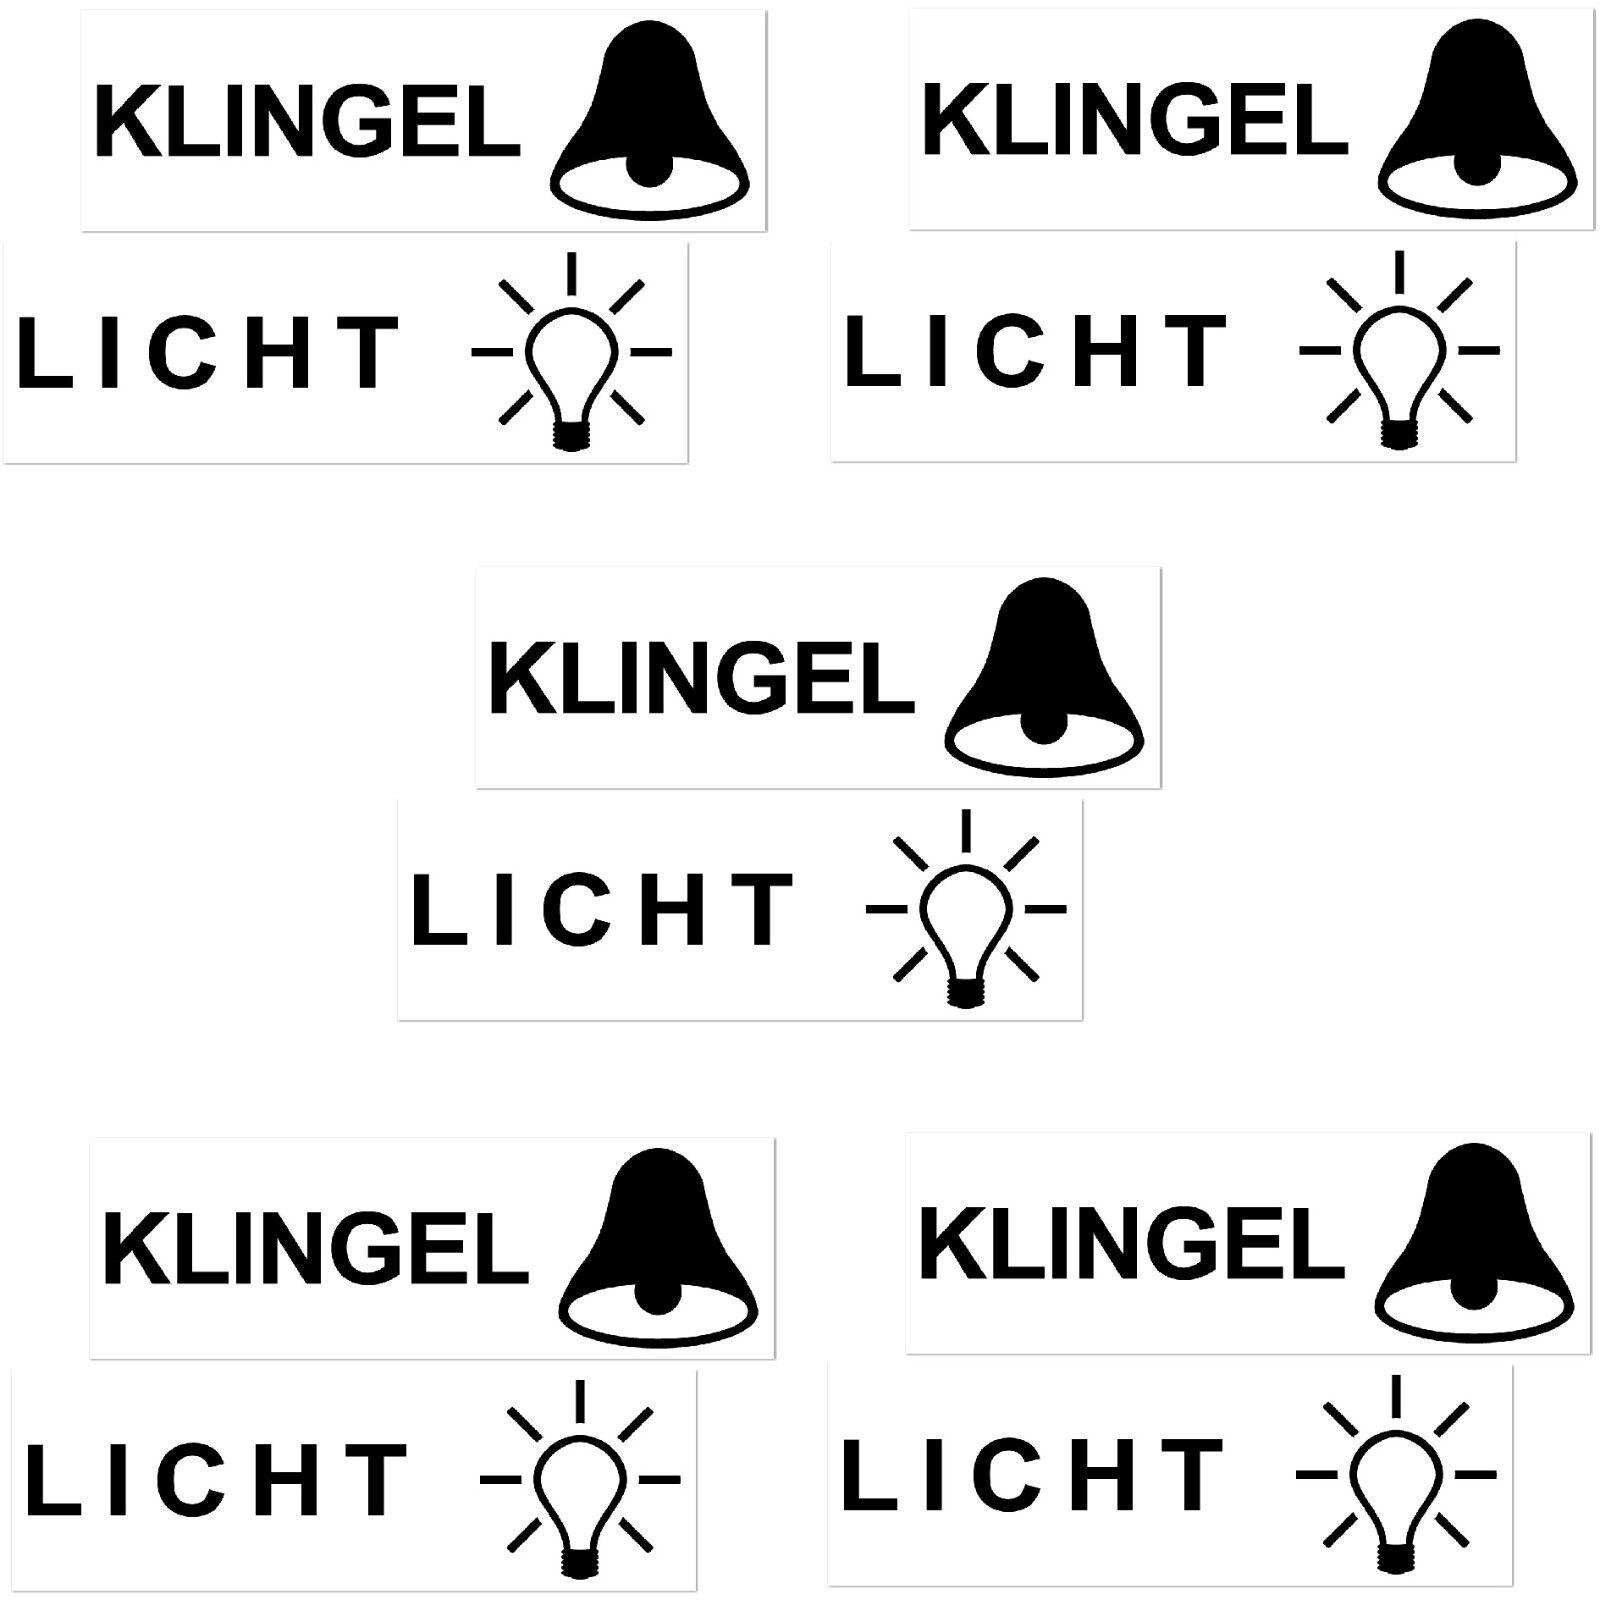 10 Aufkleber 6 5cm Klingel Licht Symbole Briefkasten Tür Schalter Taster Haustür